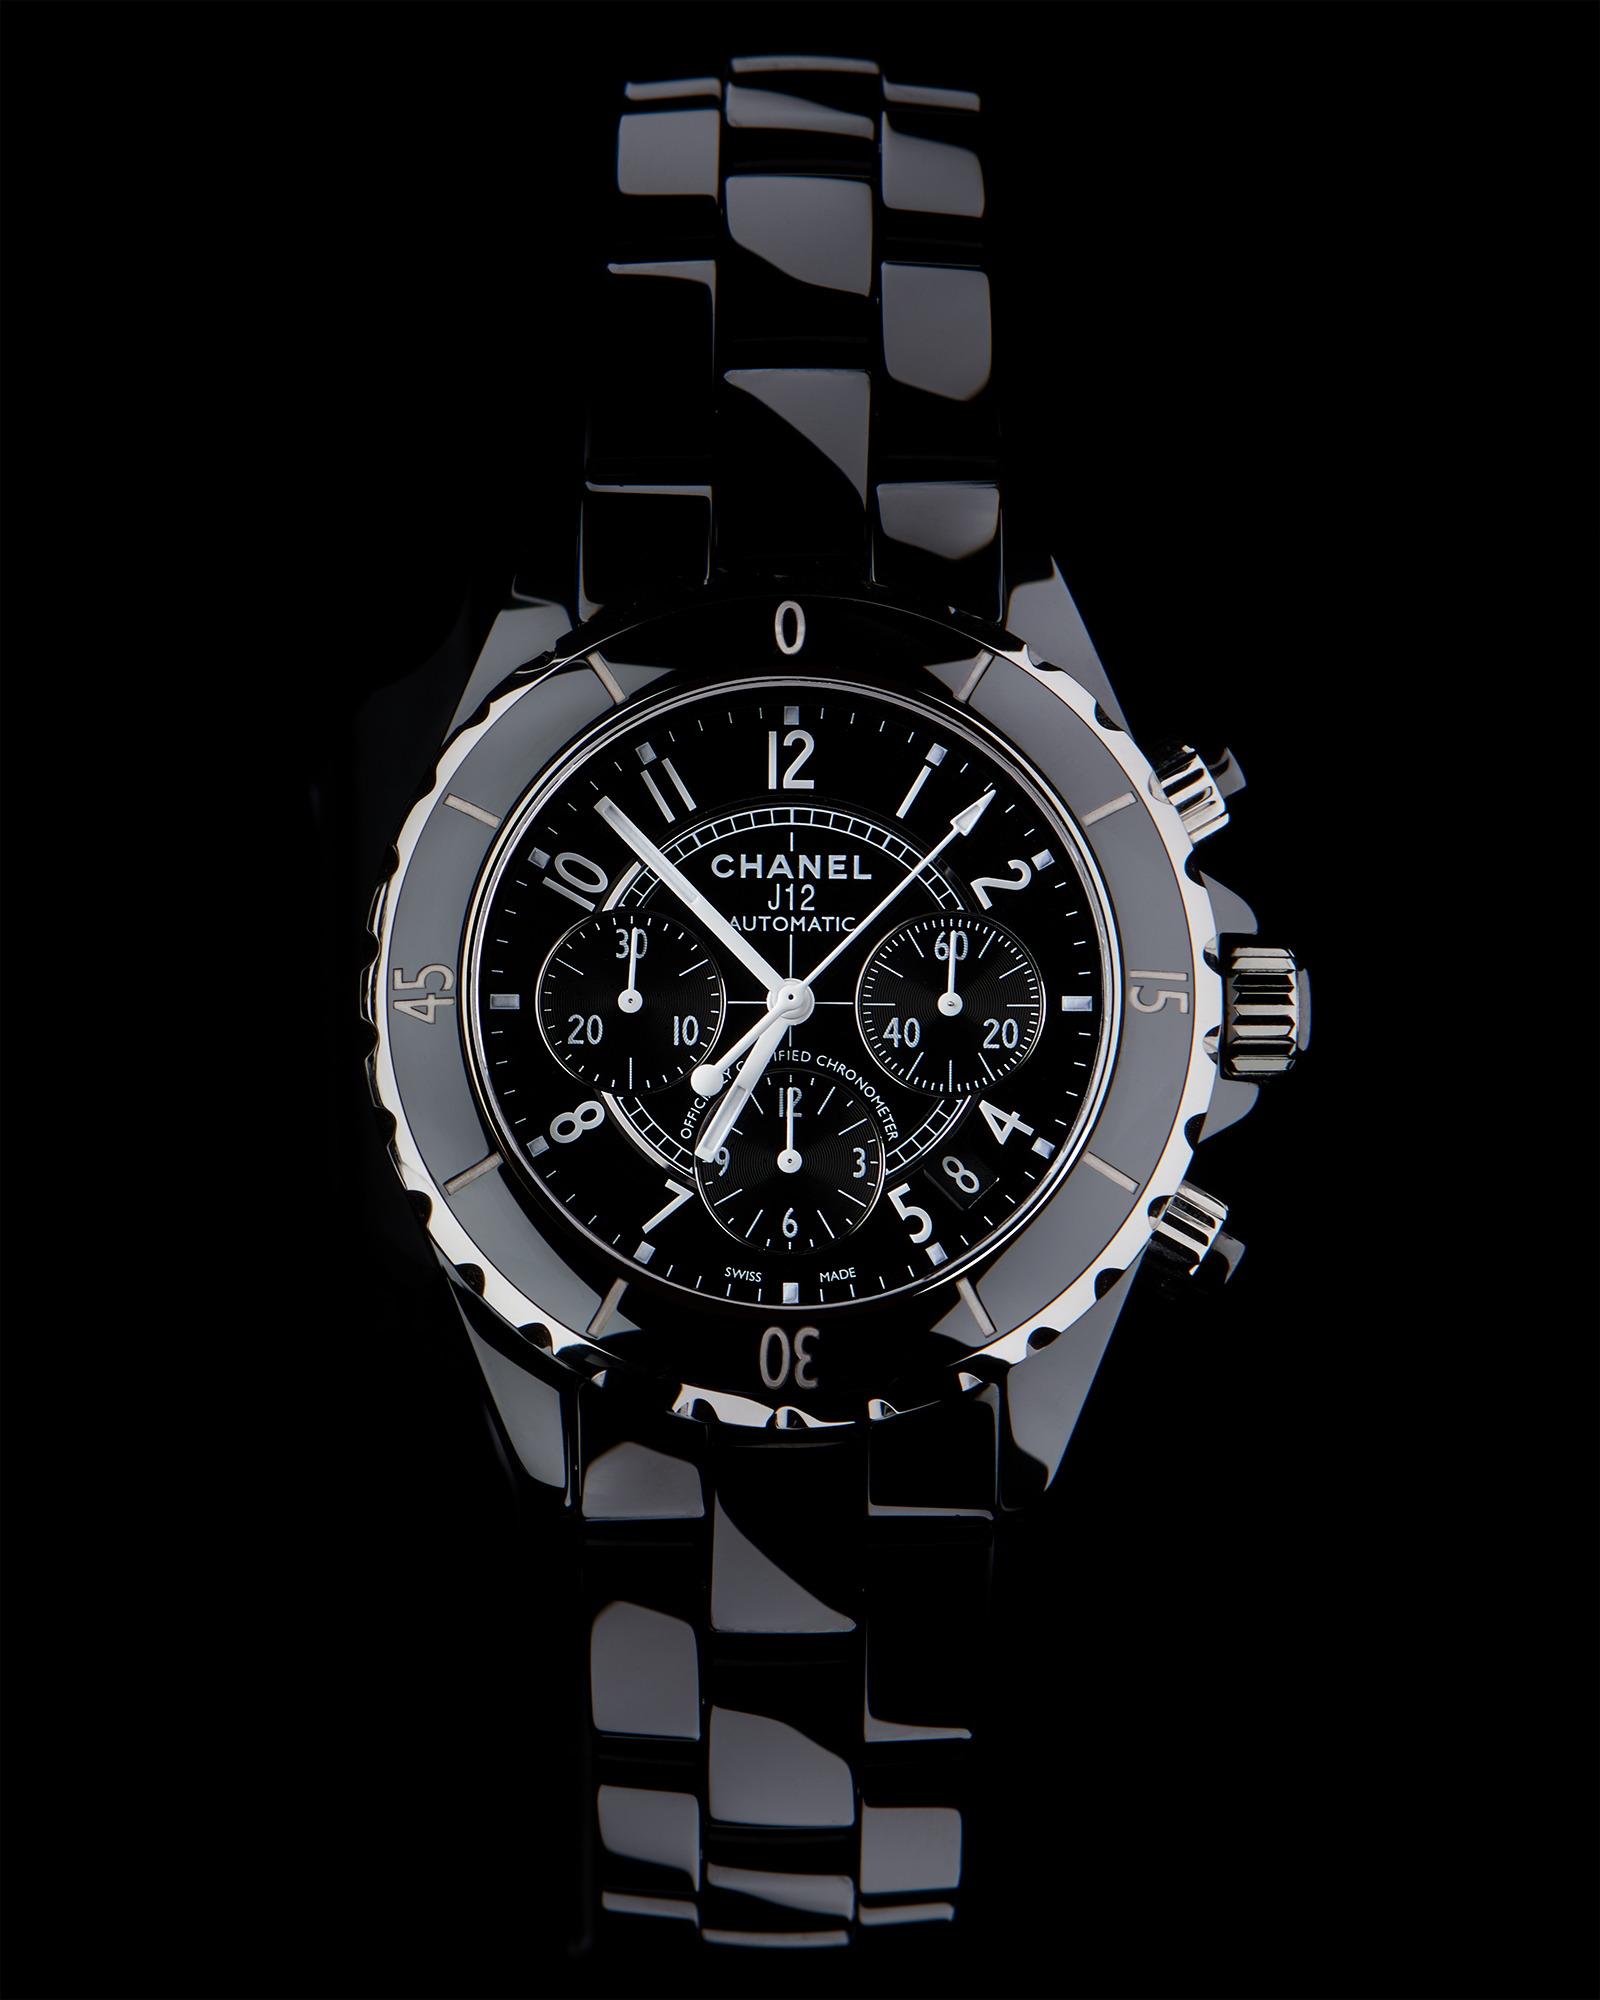 photographe de montres de luxe Chanel j12, photographiée au studio par philippe hahn